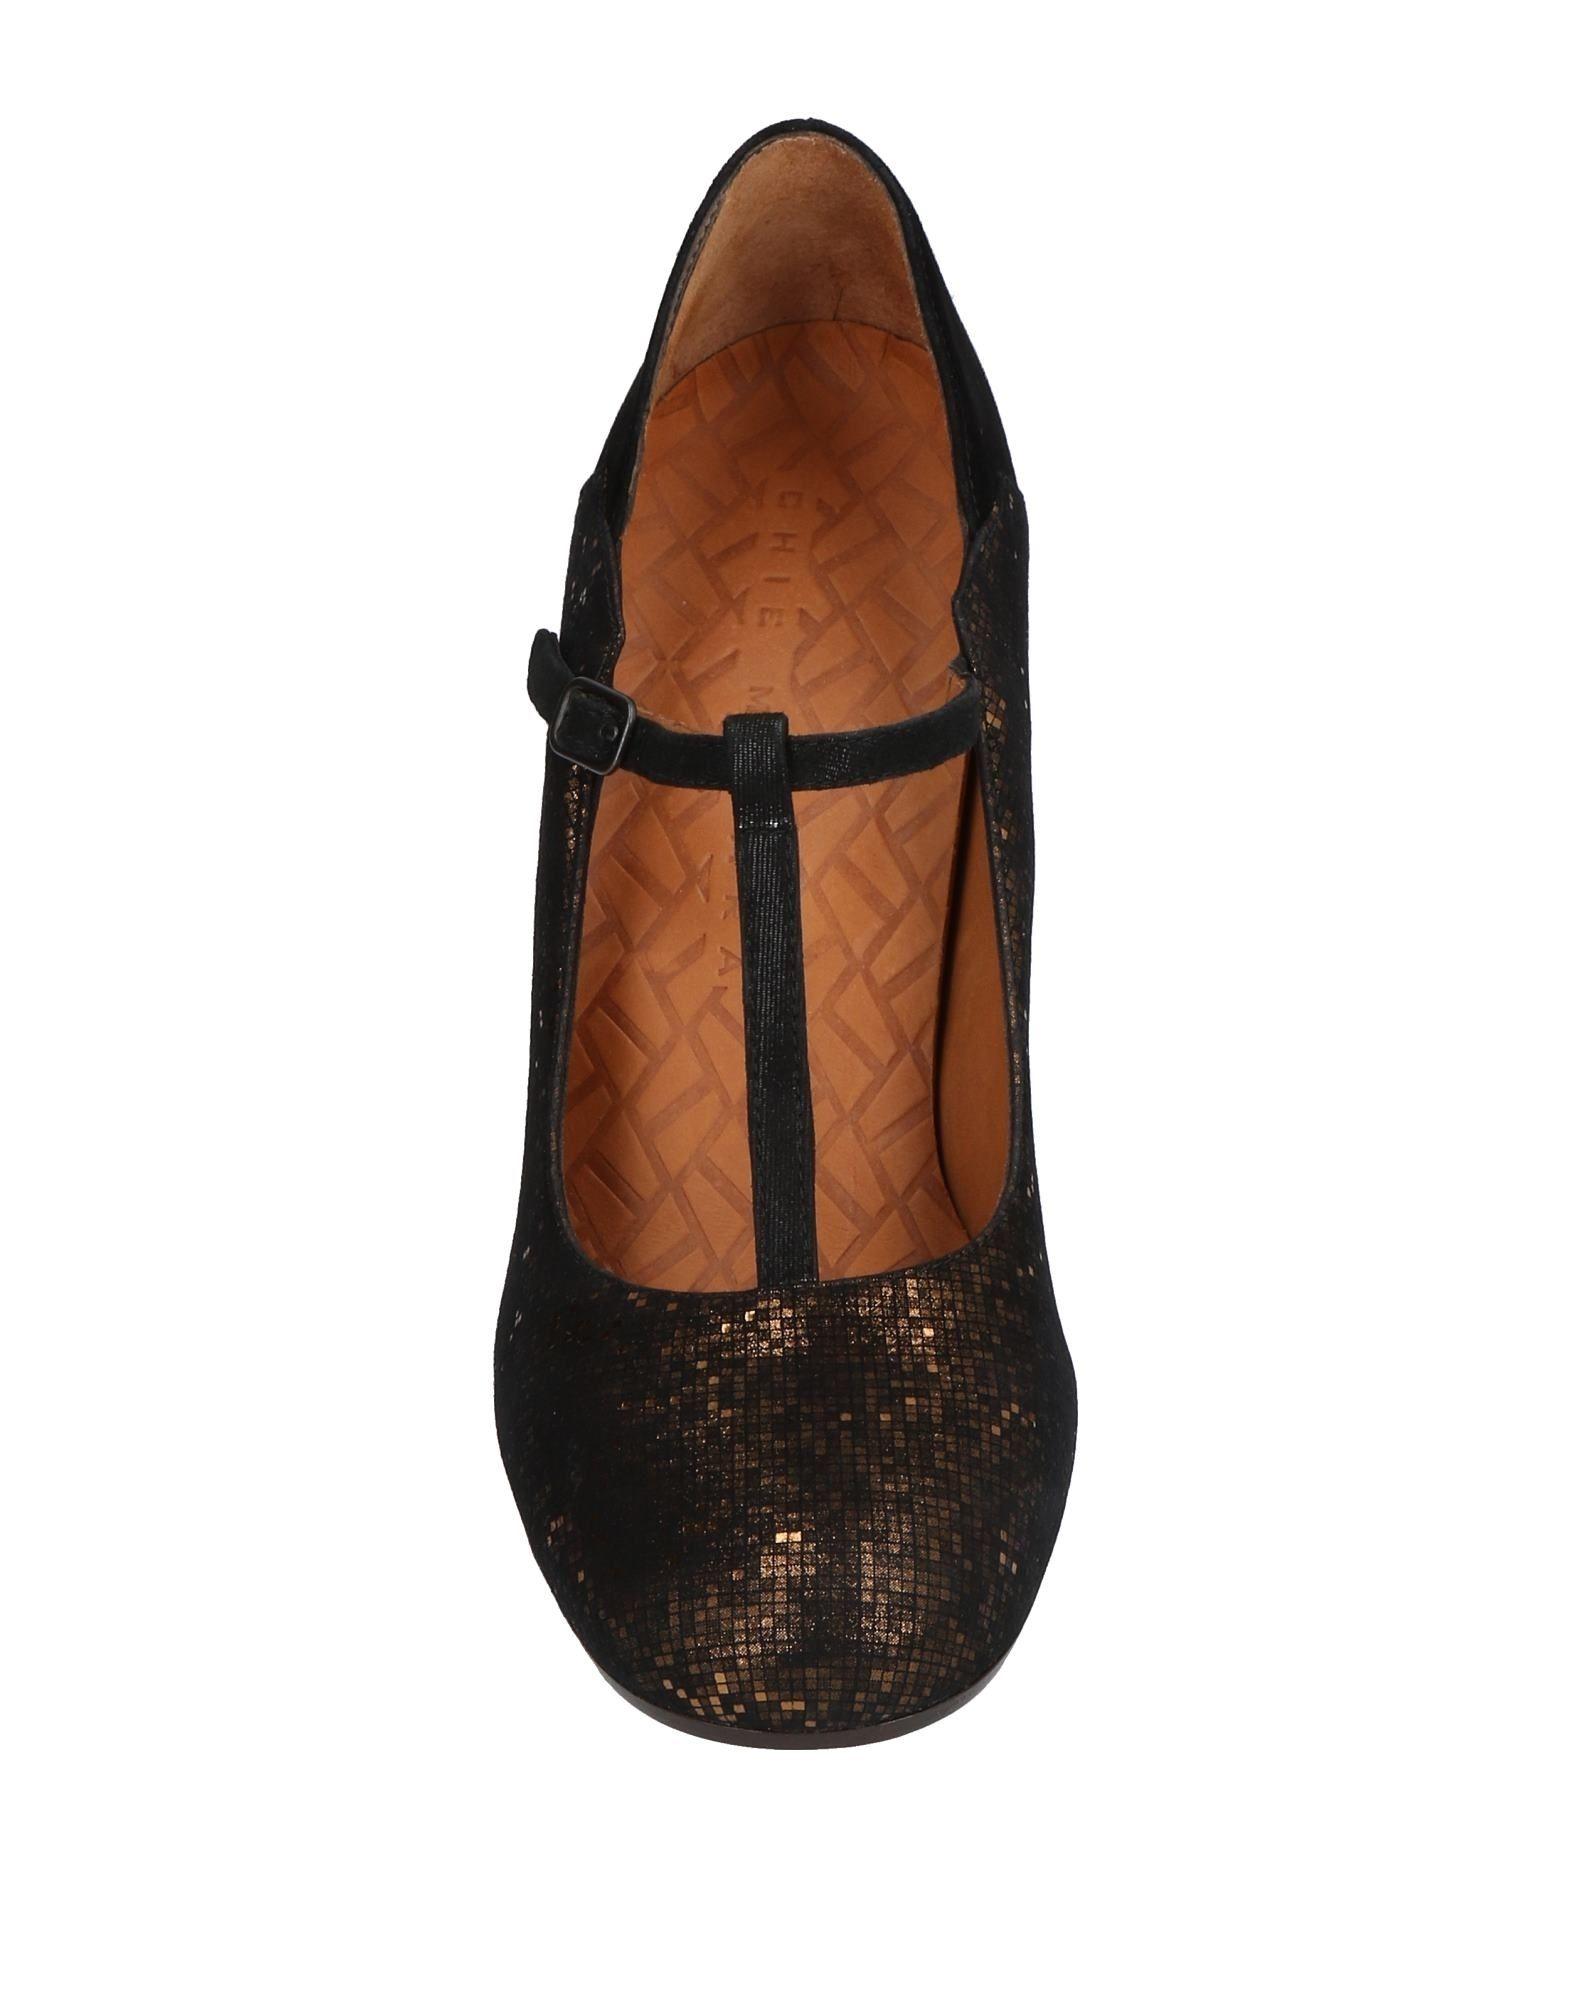 Chie Damen Mihara Pumps Damen Chie  11474162UM Beliebte Schuhe bf5b74